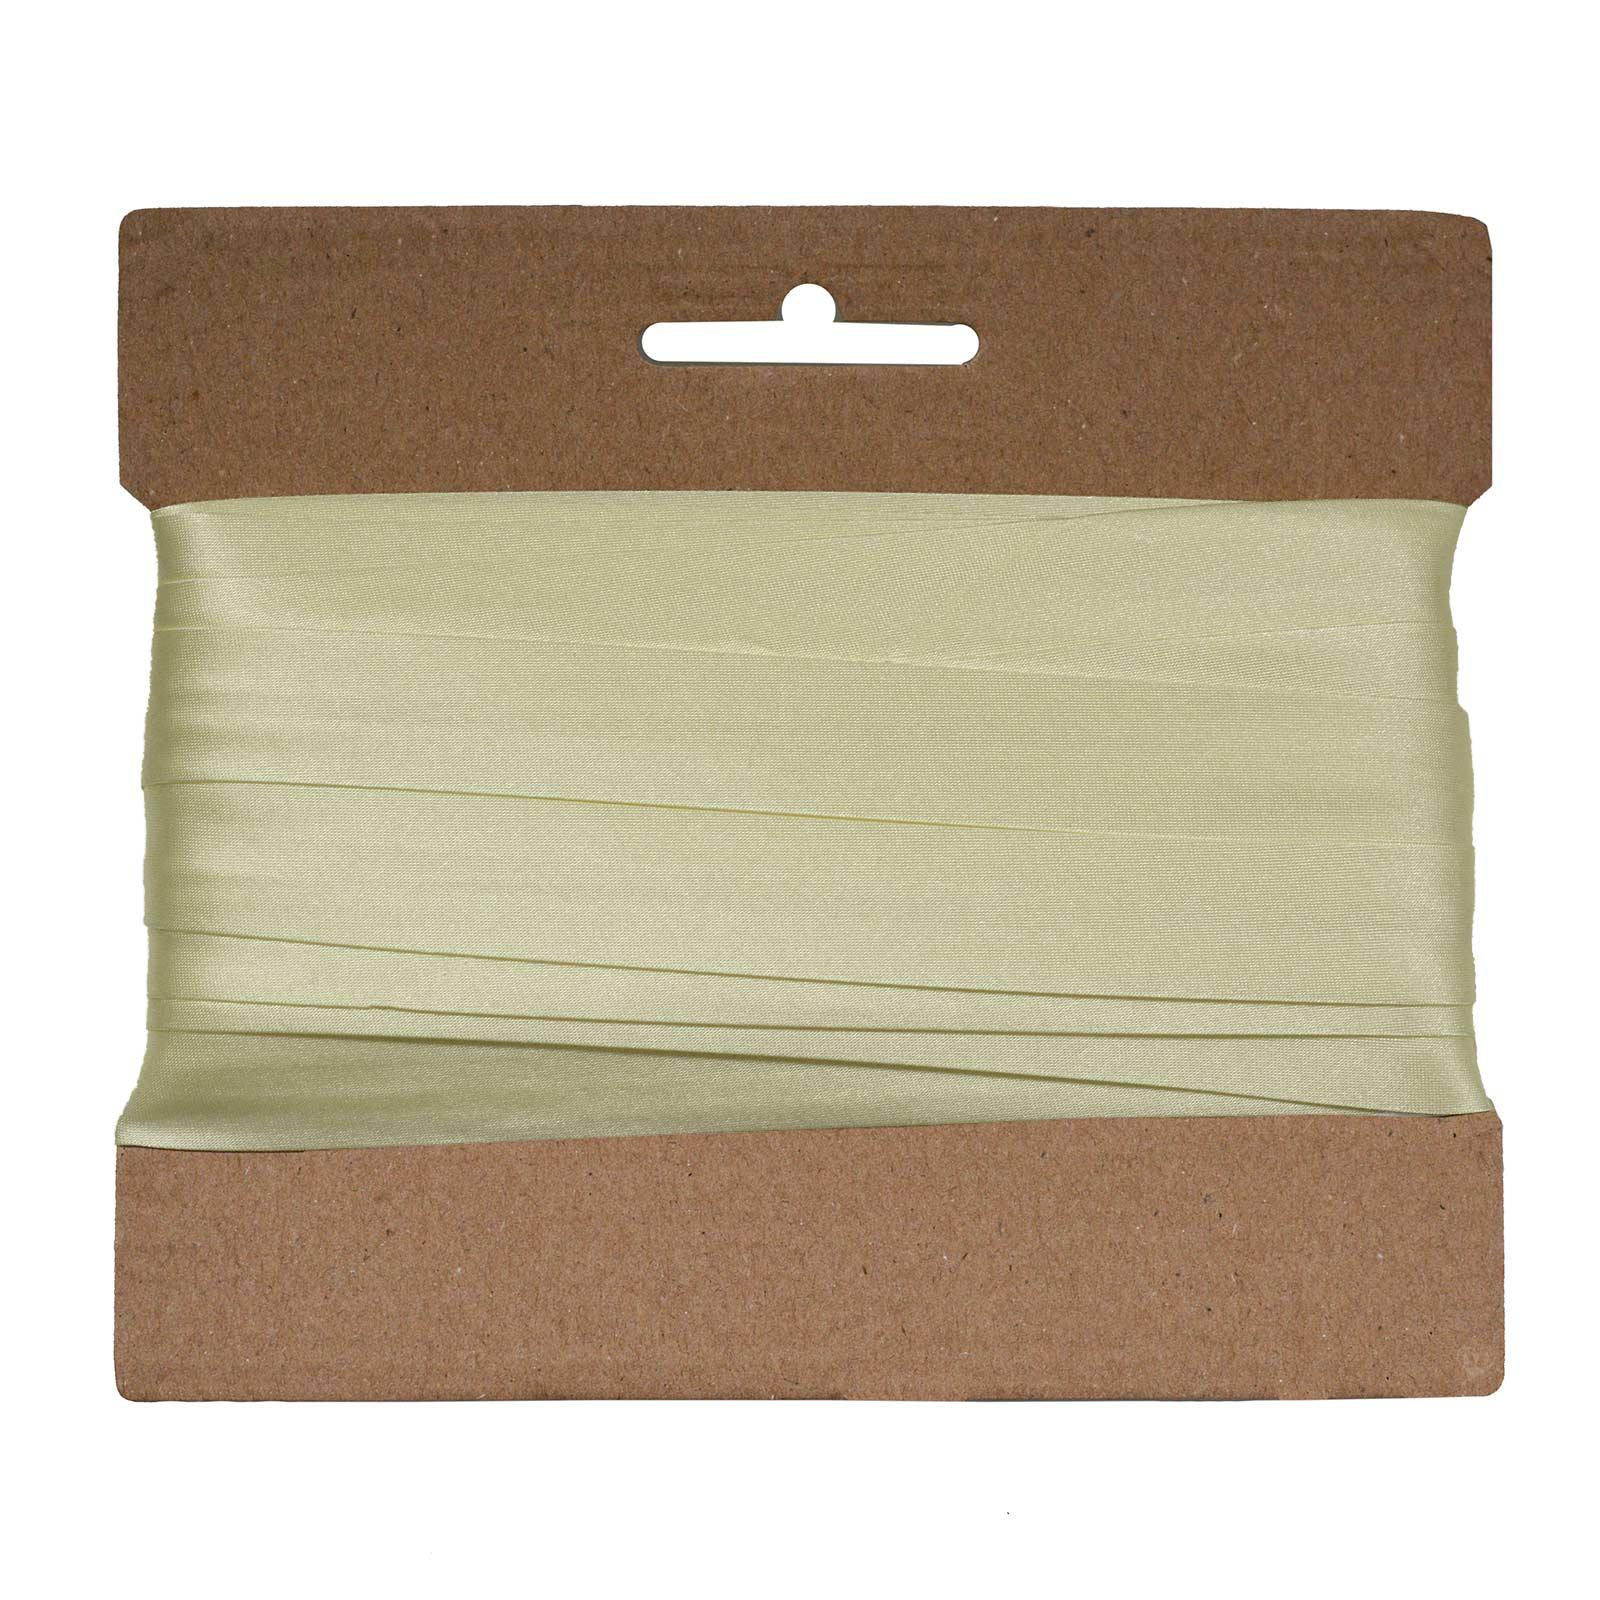 20m Schrägband Satin 20mm gefalzt Kantenband Einfassband 29 Farben wählbar – Bild 23